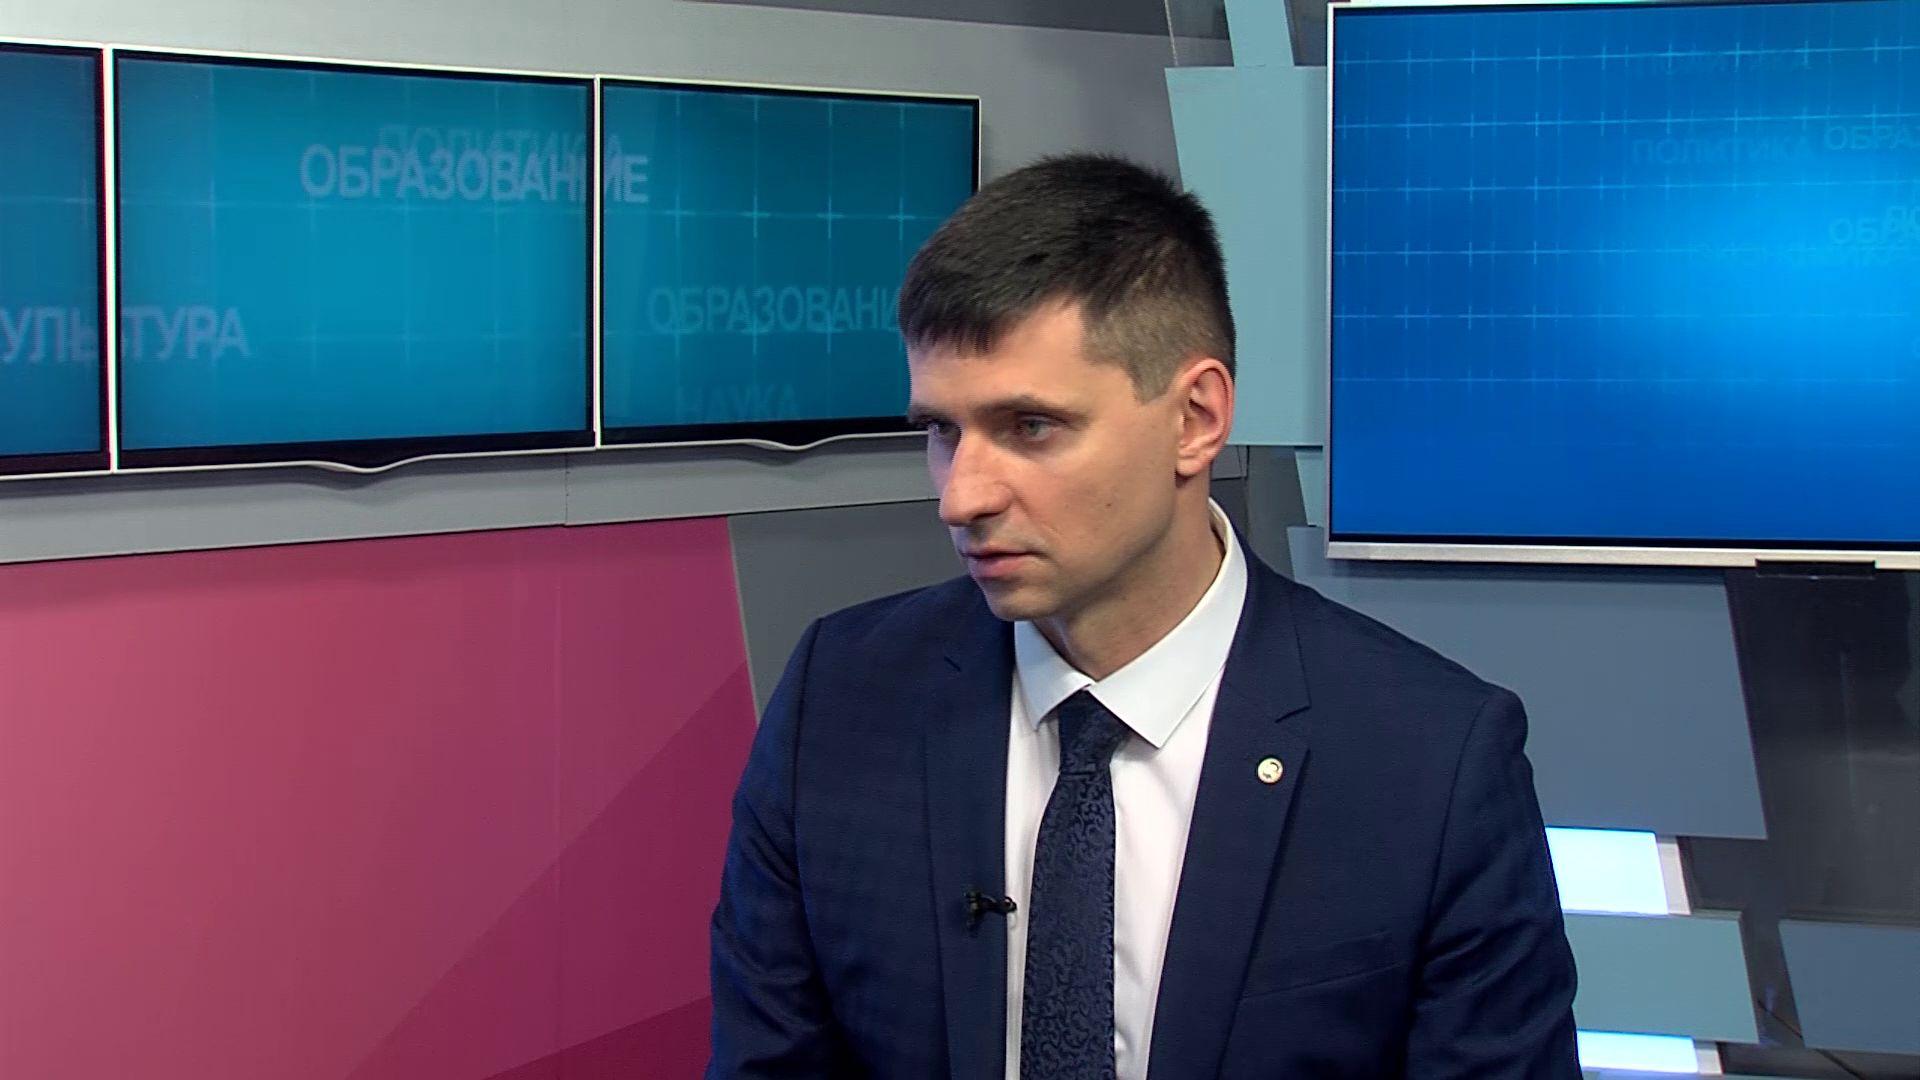 Программа «В тему» от 8.05.20. Дмитрий Глушков – о новых мерах поддержки бизнеса